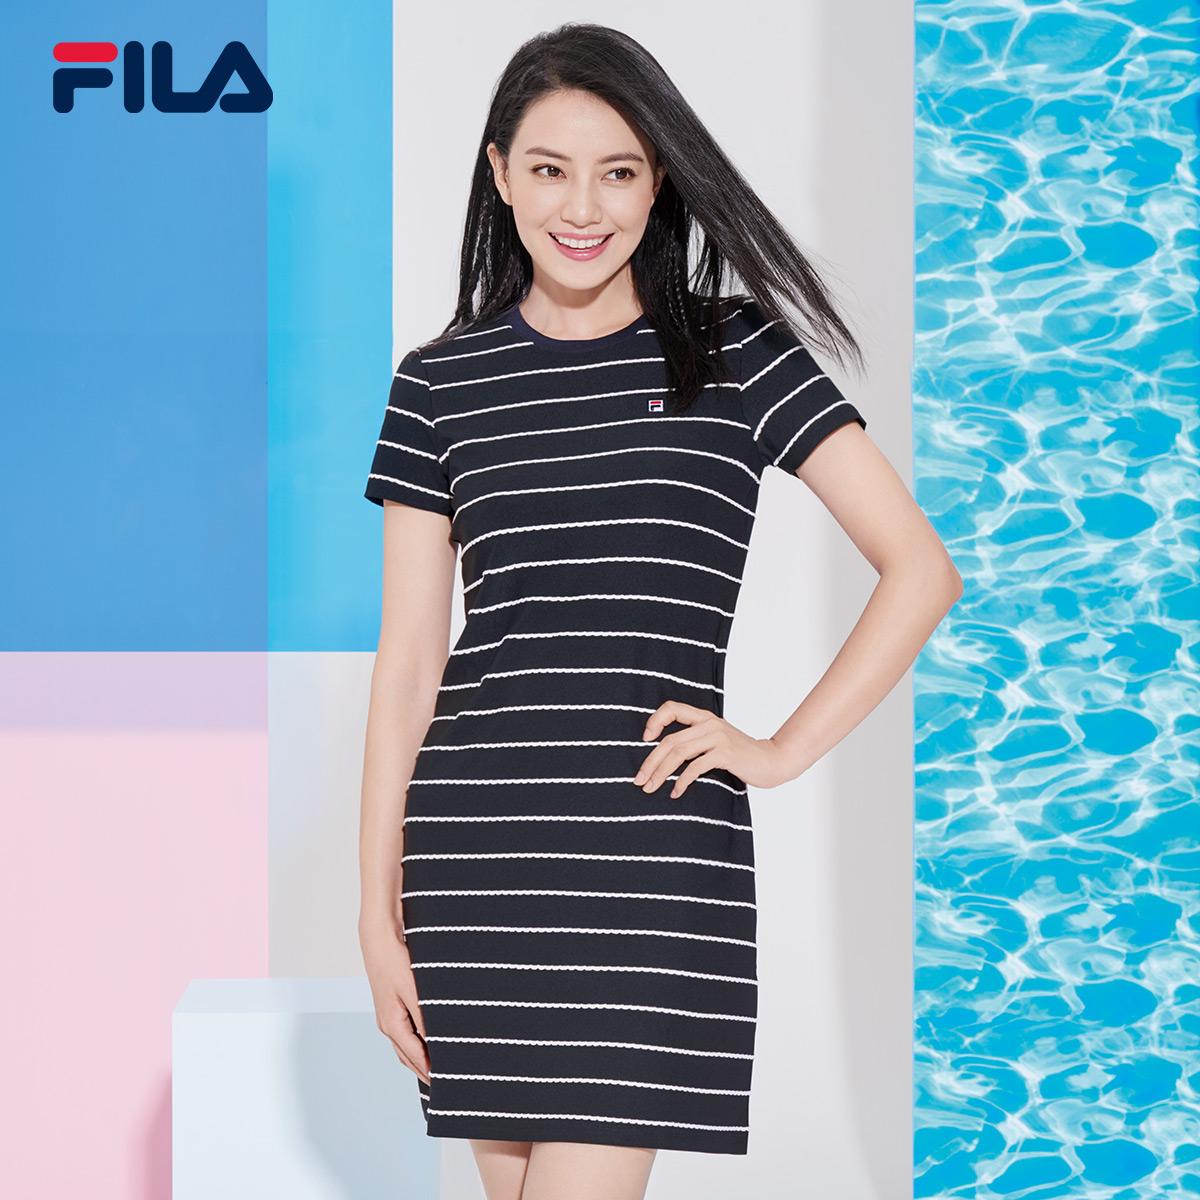 ФИЛА ФИЛА высокая круглый фасон унисекс Спортивная одежда 2018 лет новая коллекция полосатый принт популярный элегантный фасон средней длины юбка